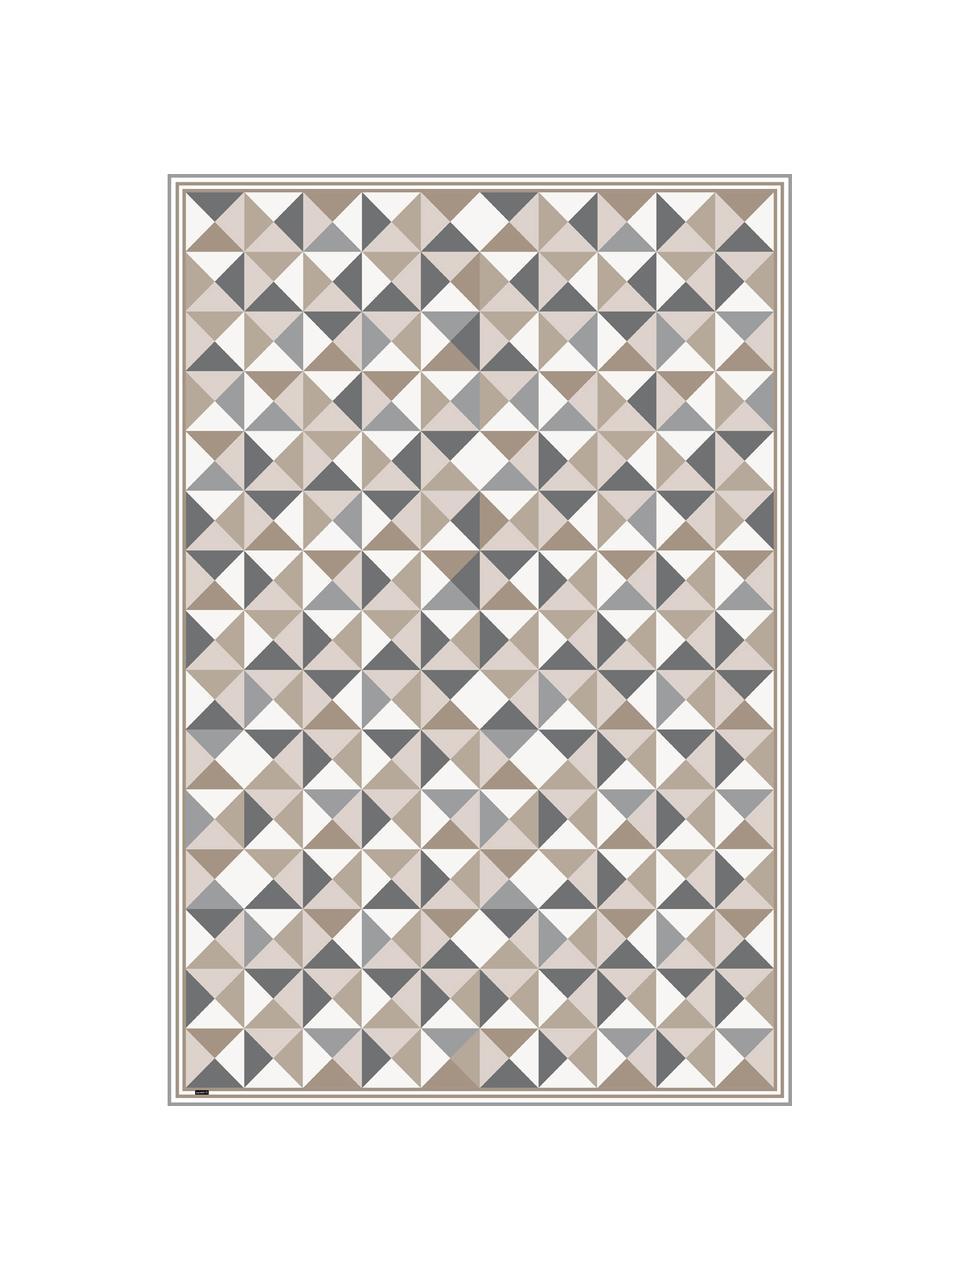 Vlakke vinyl vloermat Haakon in grijs / beige, antislip, Recyclebaar vinyl, Grijstinten, beigetinten, wit, 136 x 203 cm